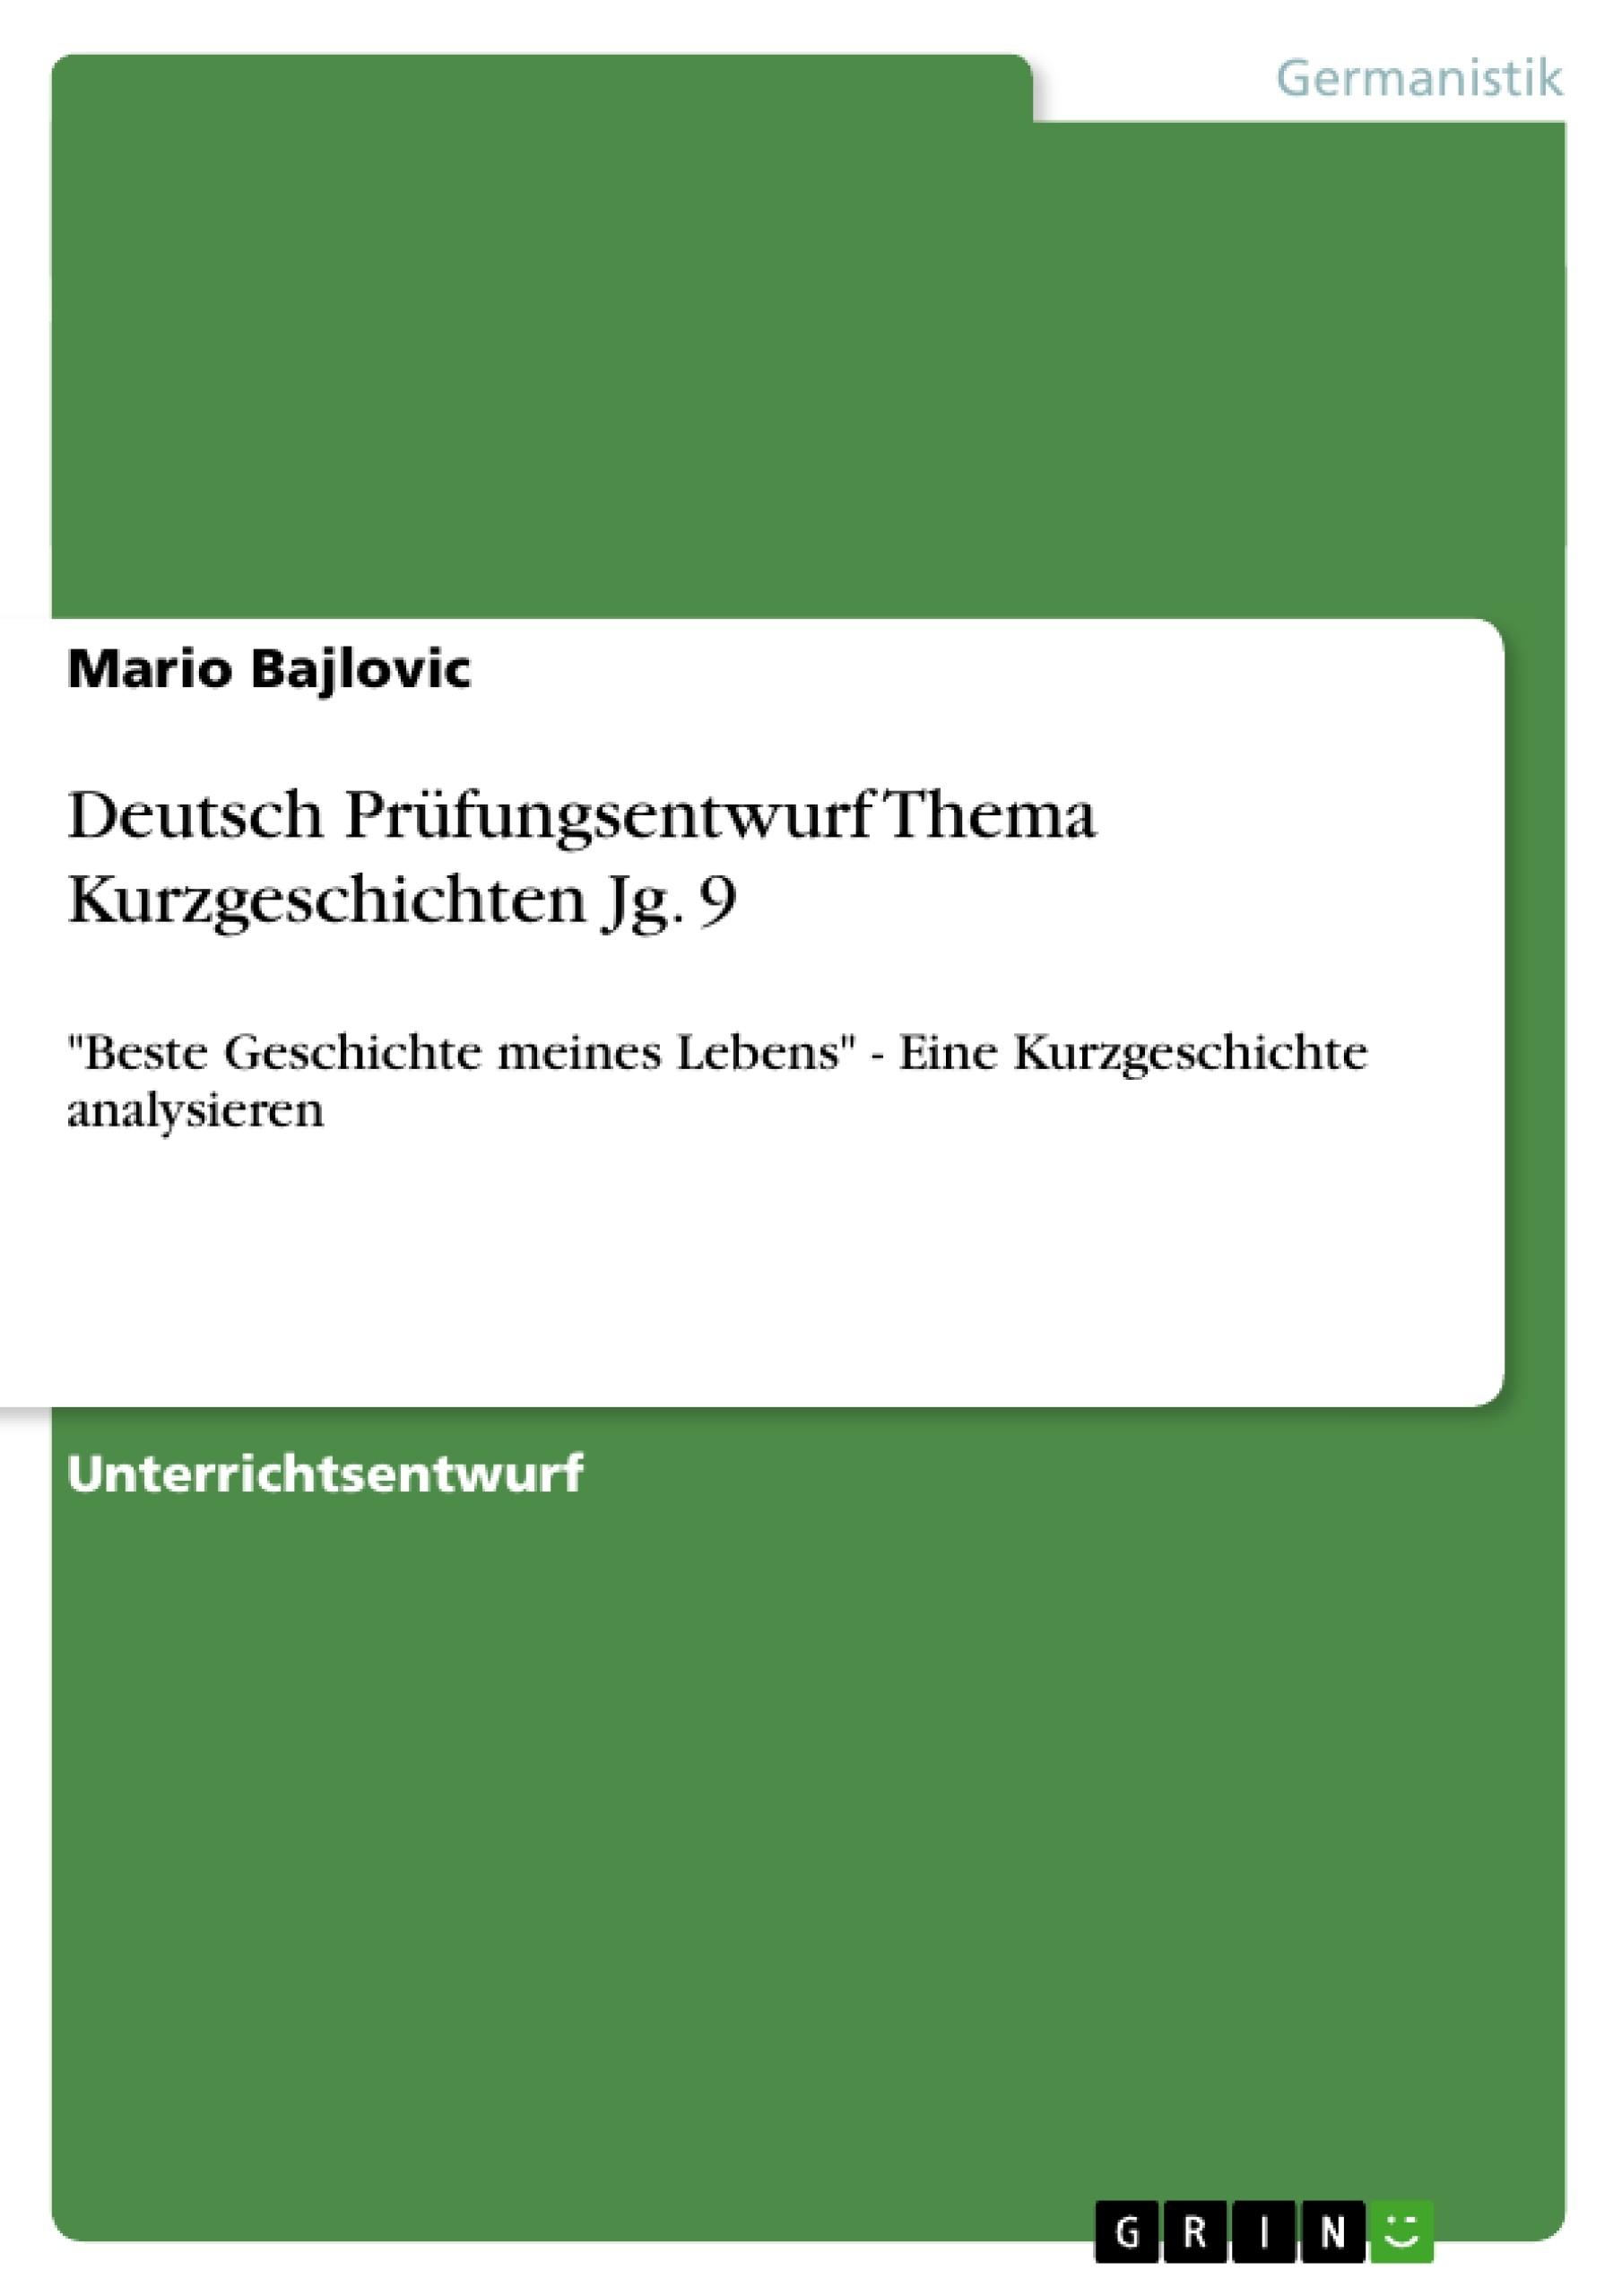 Titel: Deutsch Prüfungsentwurf Thema Kurzgeschichten Jg. 9